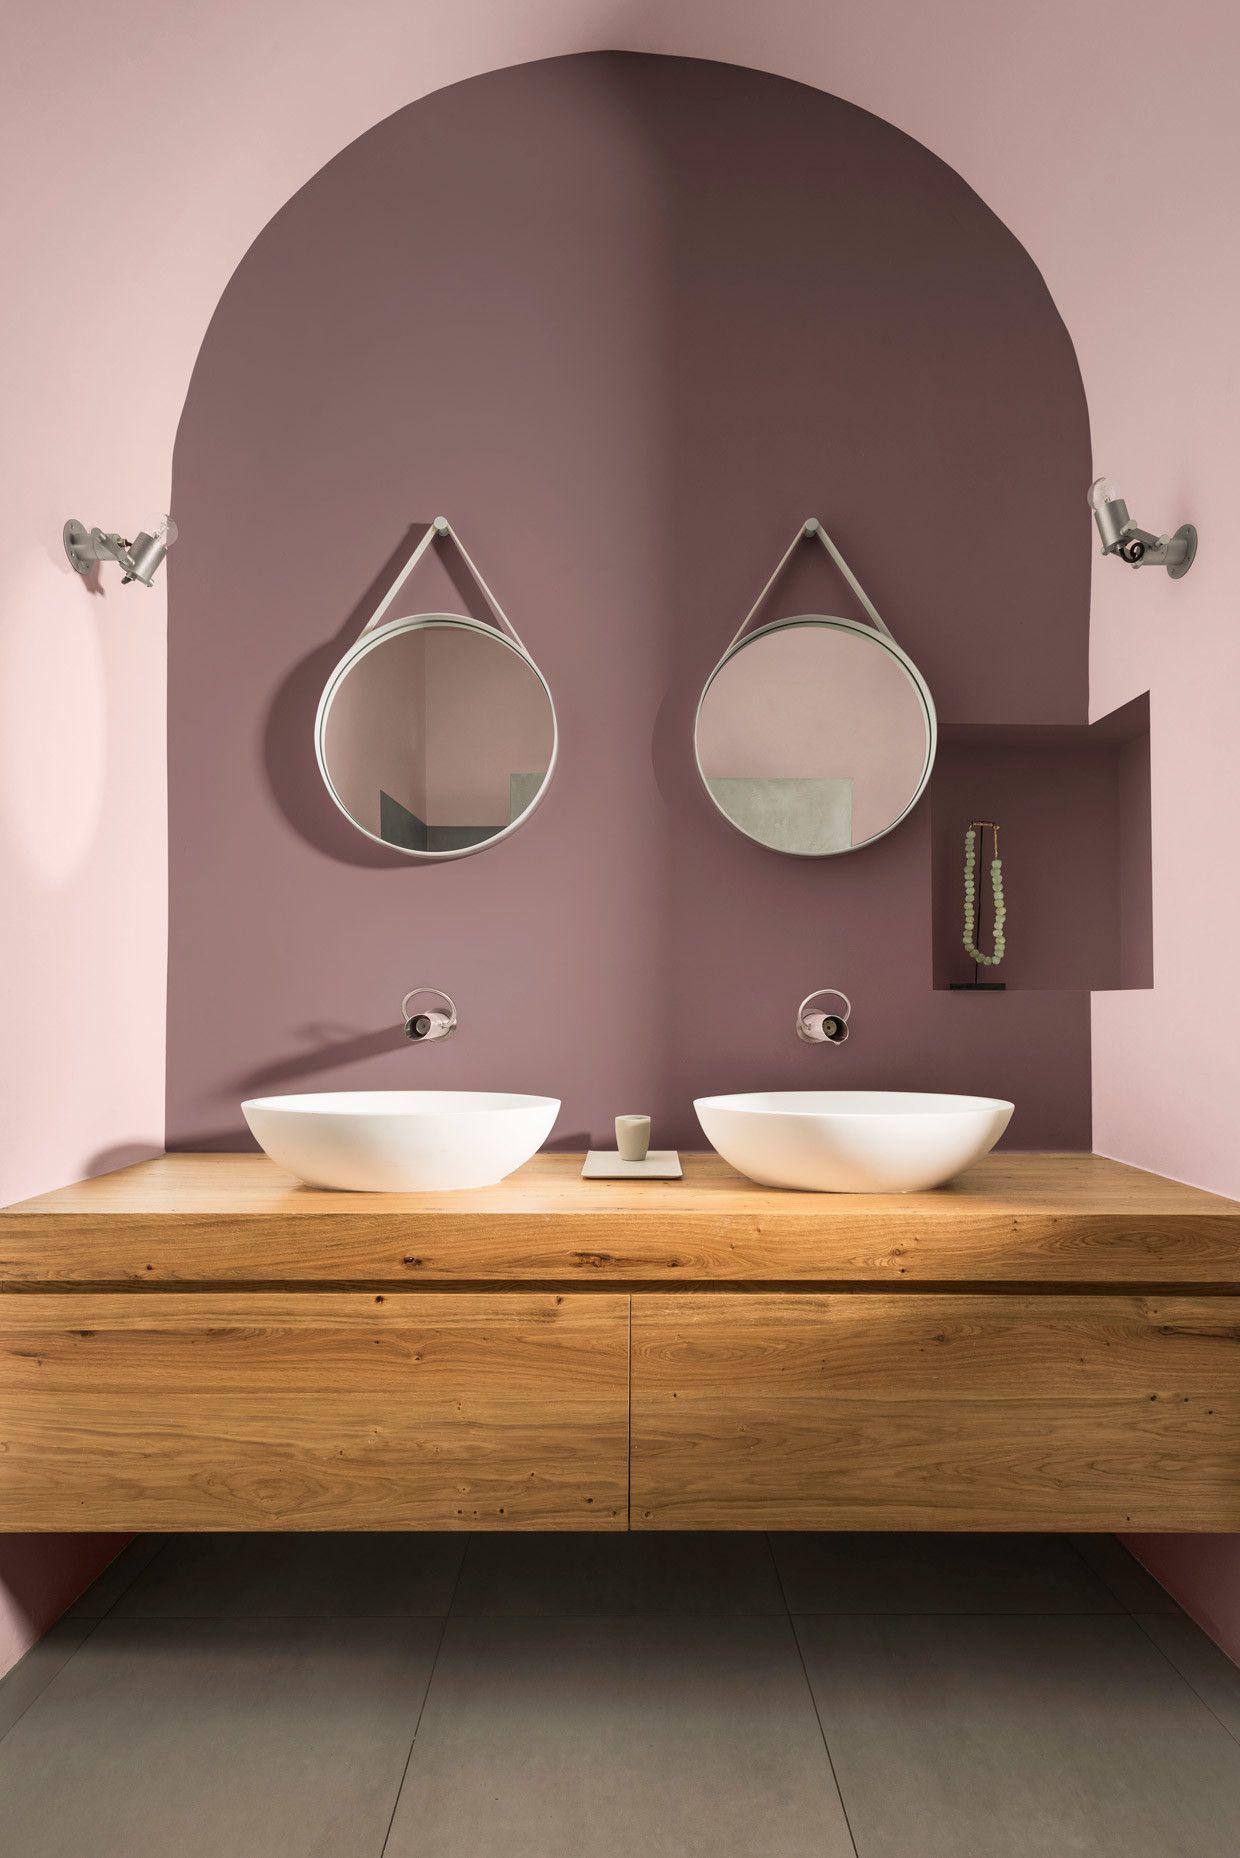 El Palo De Rosa Sera El Color Que Vestira Tus Paredes En 2 018 Segun Bruguer With Images Bathroom Interior Bathroom Interior Design Wood Bathroom Vanity